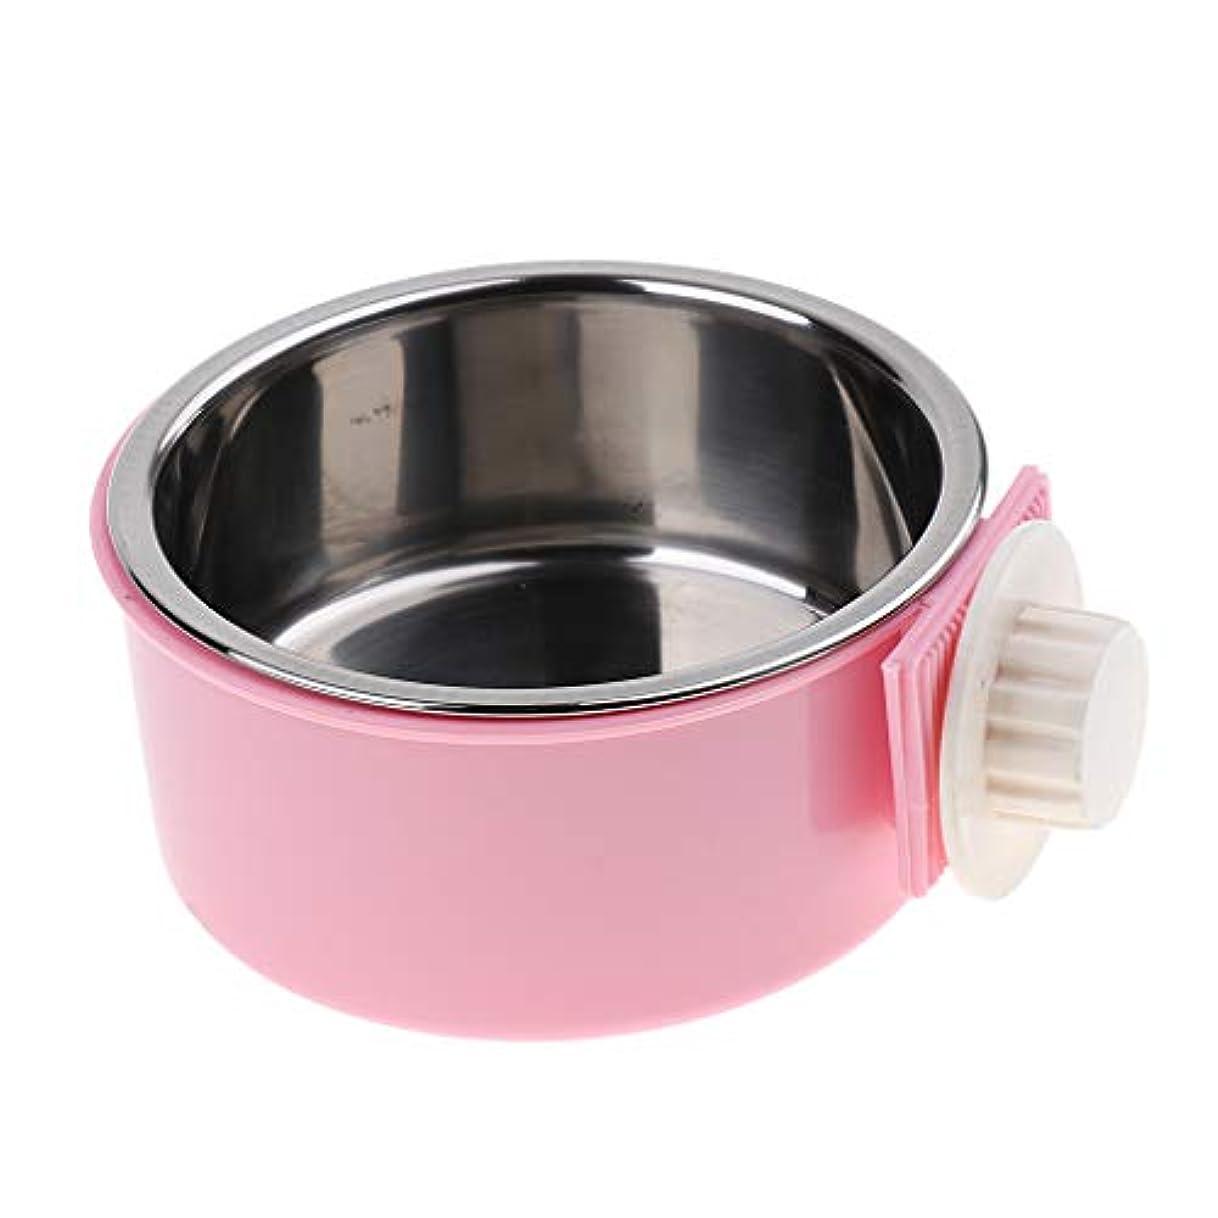 旧正月睡眠儀式Fenteer 取り外し可能 水 食品 フィーダボウル ケージ コップ カップ クレート 犬 猫 ボウル 2色選べる - ピンク